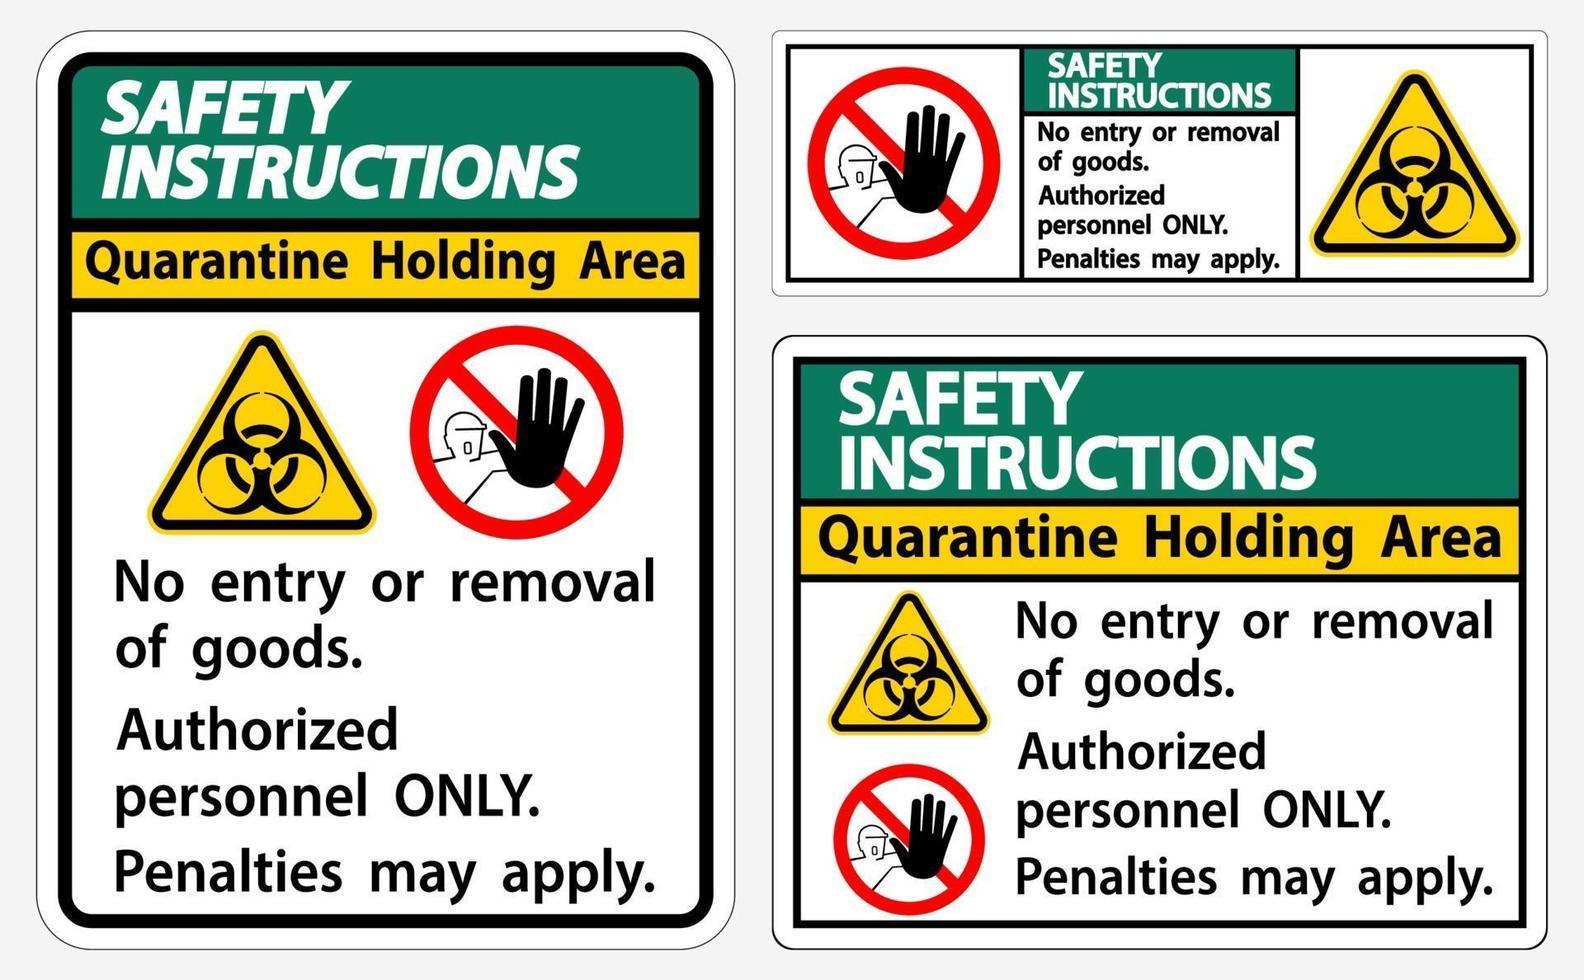 veiligheidsinstructies quarantaine holding gebied teken geïsoleerd op een witte achtergrond, vector illustratie eps.10